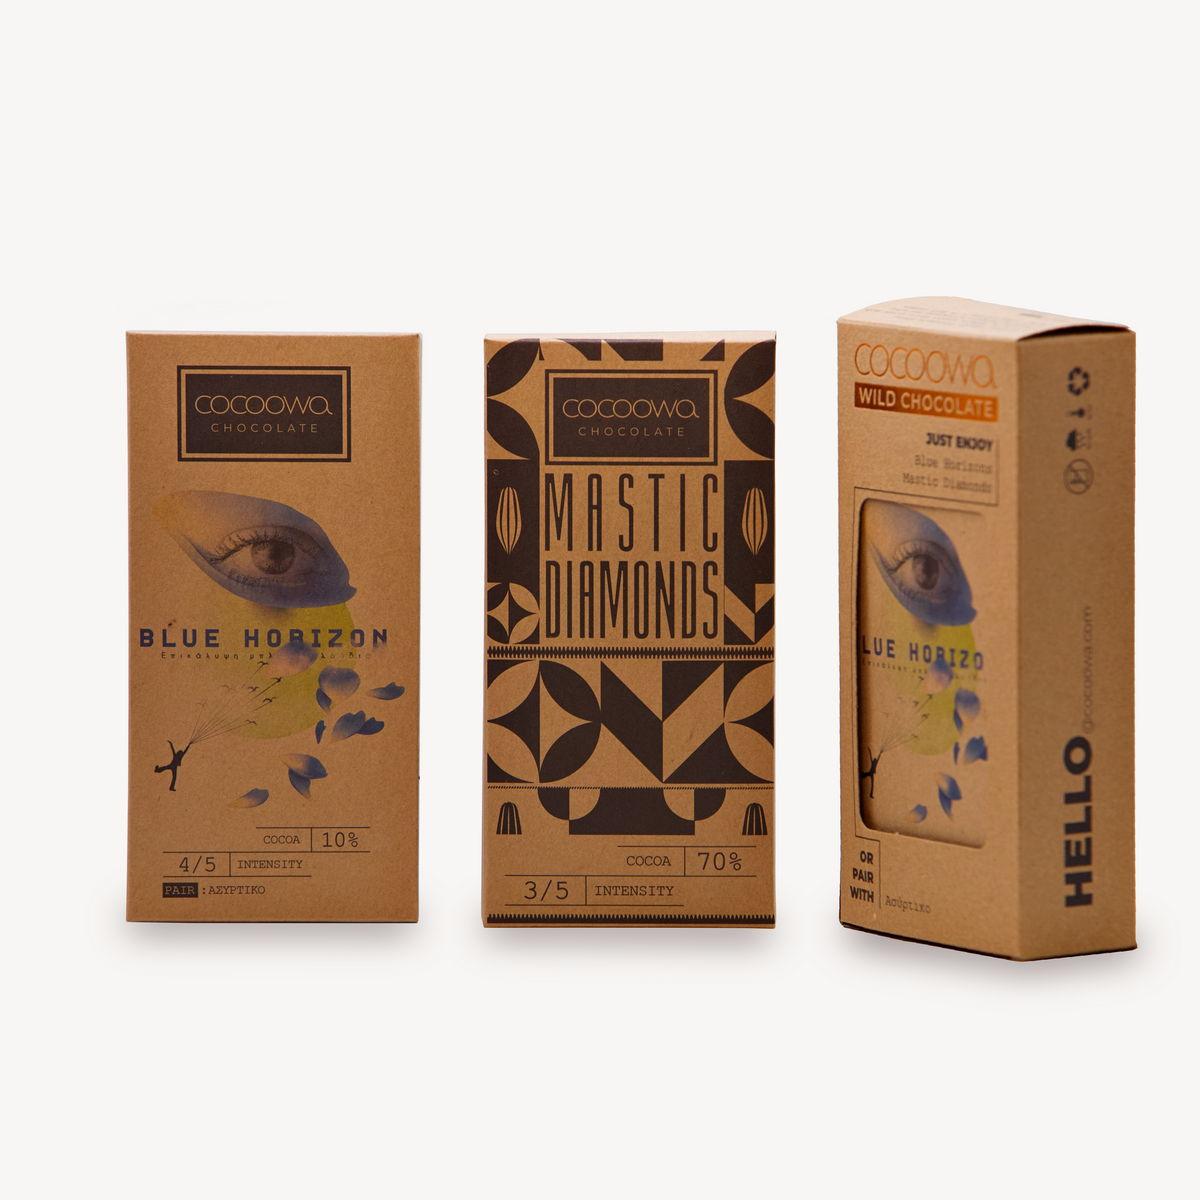 Συσκευασίες πακέτου σοκολατών Cocoowa Blue Horizon